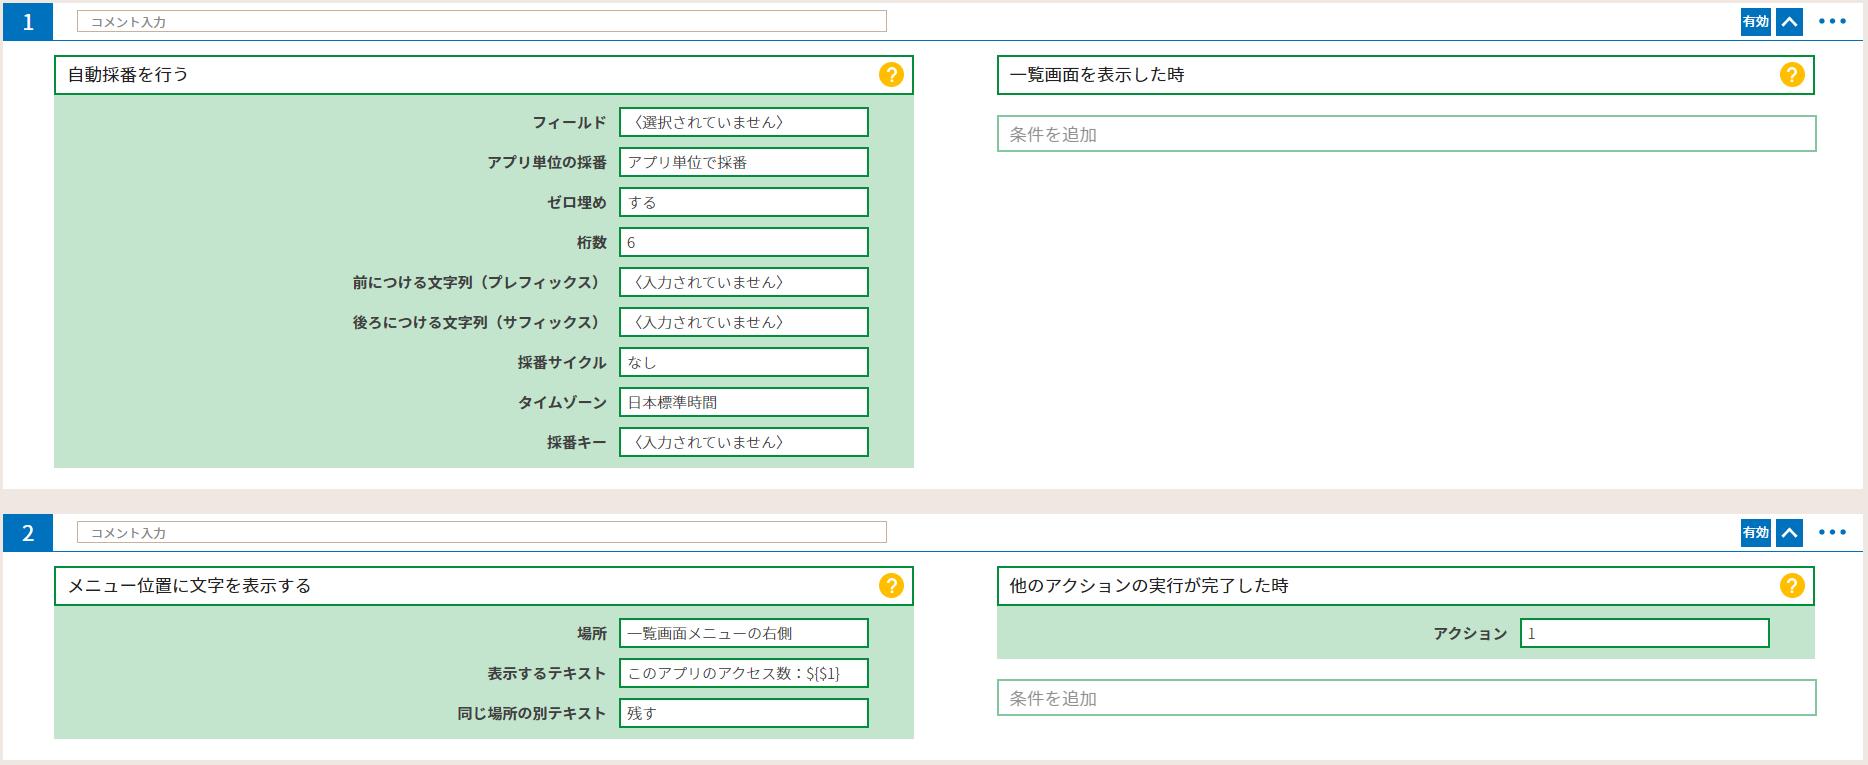 gusuku Customine - Google Chrome 2021-05-27 09.21..png